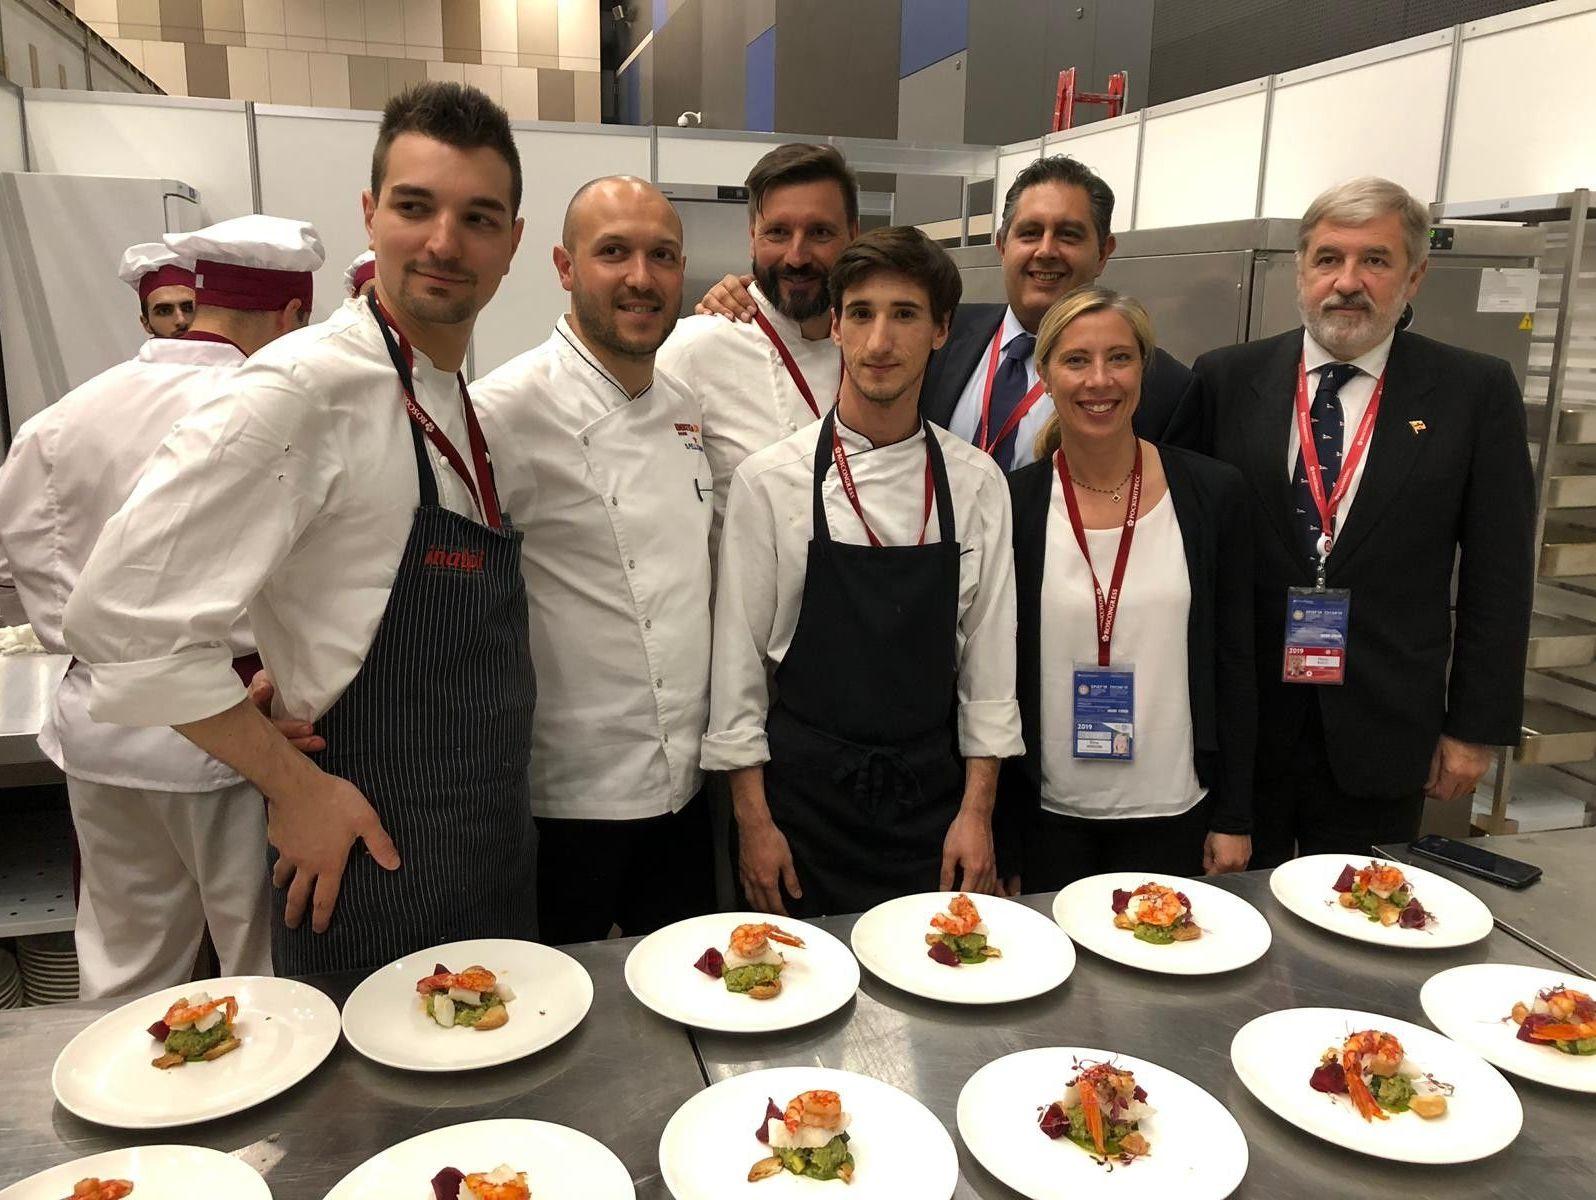 Il sindaco di Genova Bucci ed il presidente della Regione Liguria Toti incontrano i cuochi del ristorante vip dello SPIEF 2019 Stella d'Italia